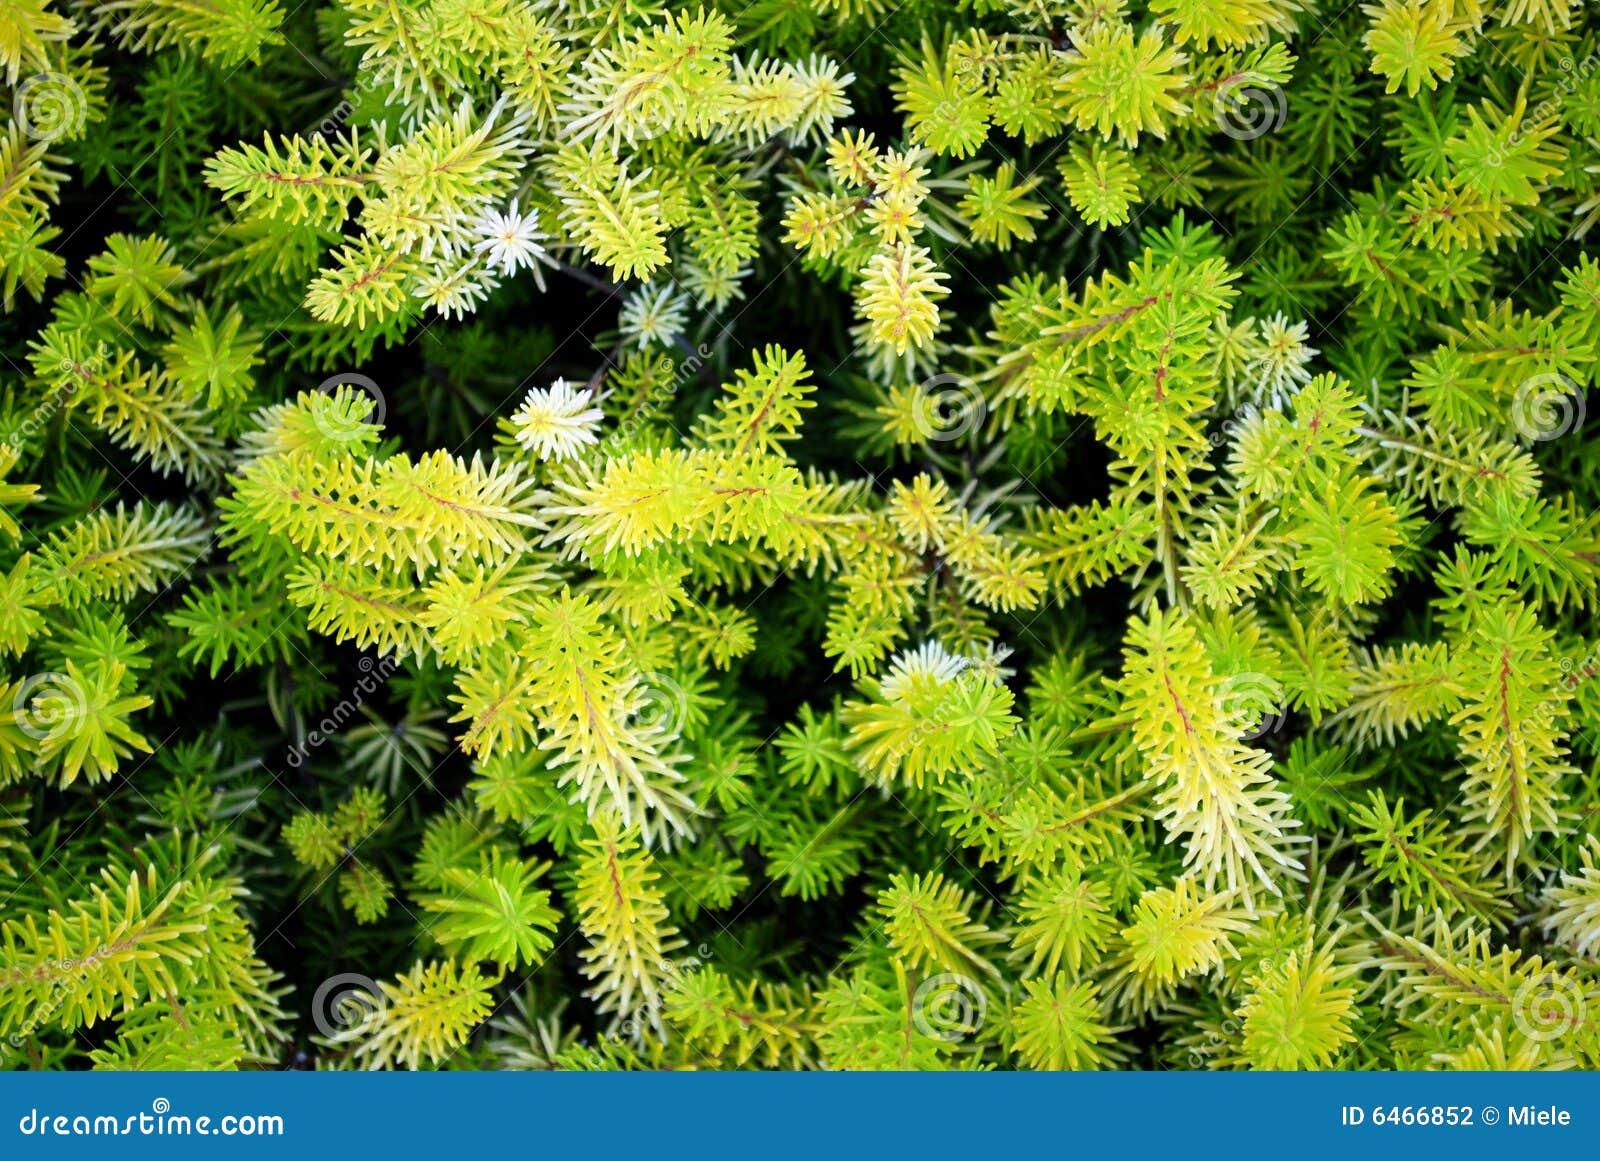 Abstrakcjonistycznego zielona fractal roślinnych